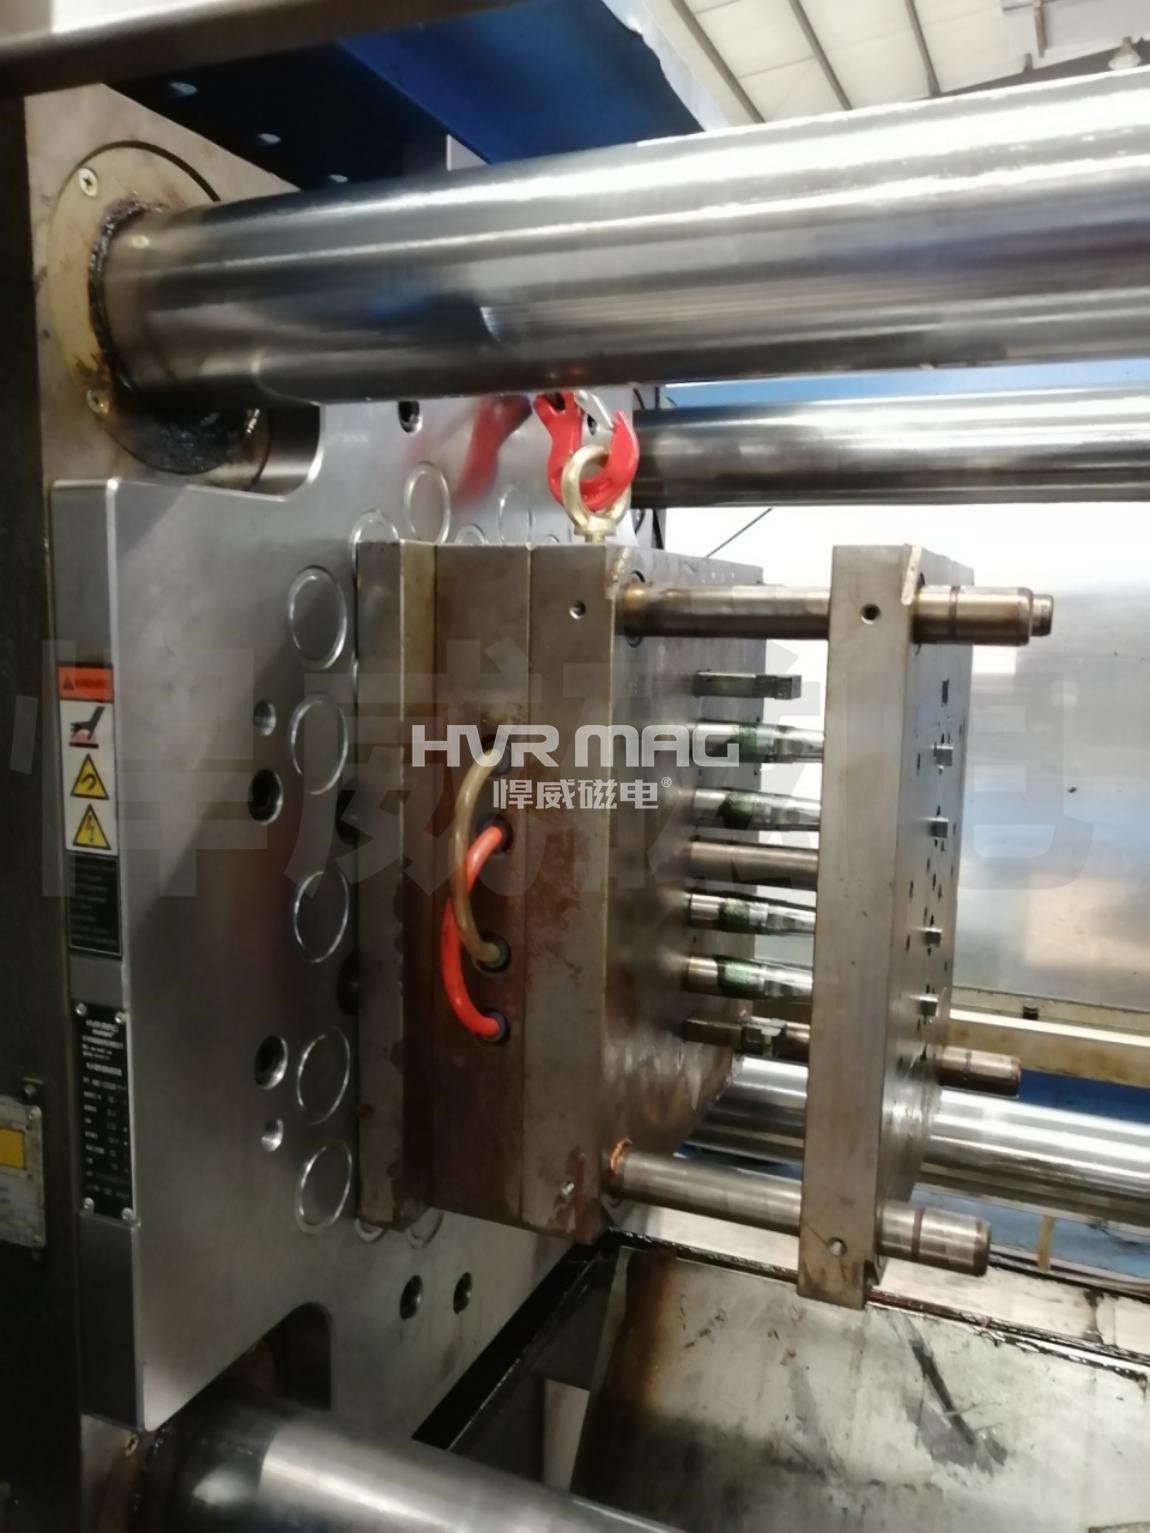 夹/紧/合模过程不用电的注塑机磁力换模系统